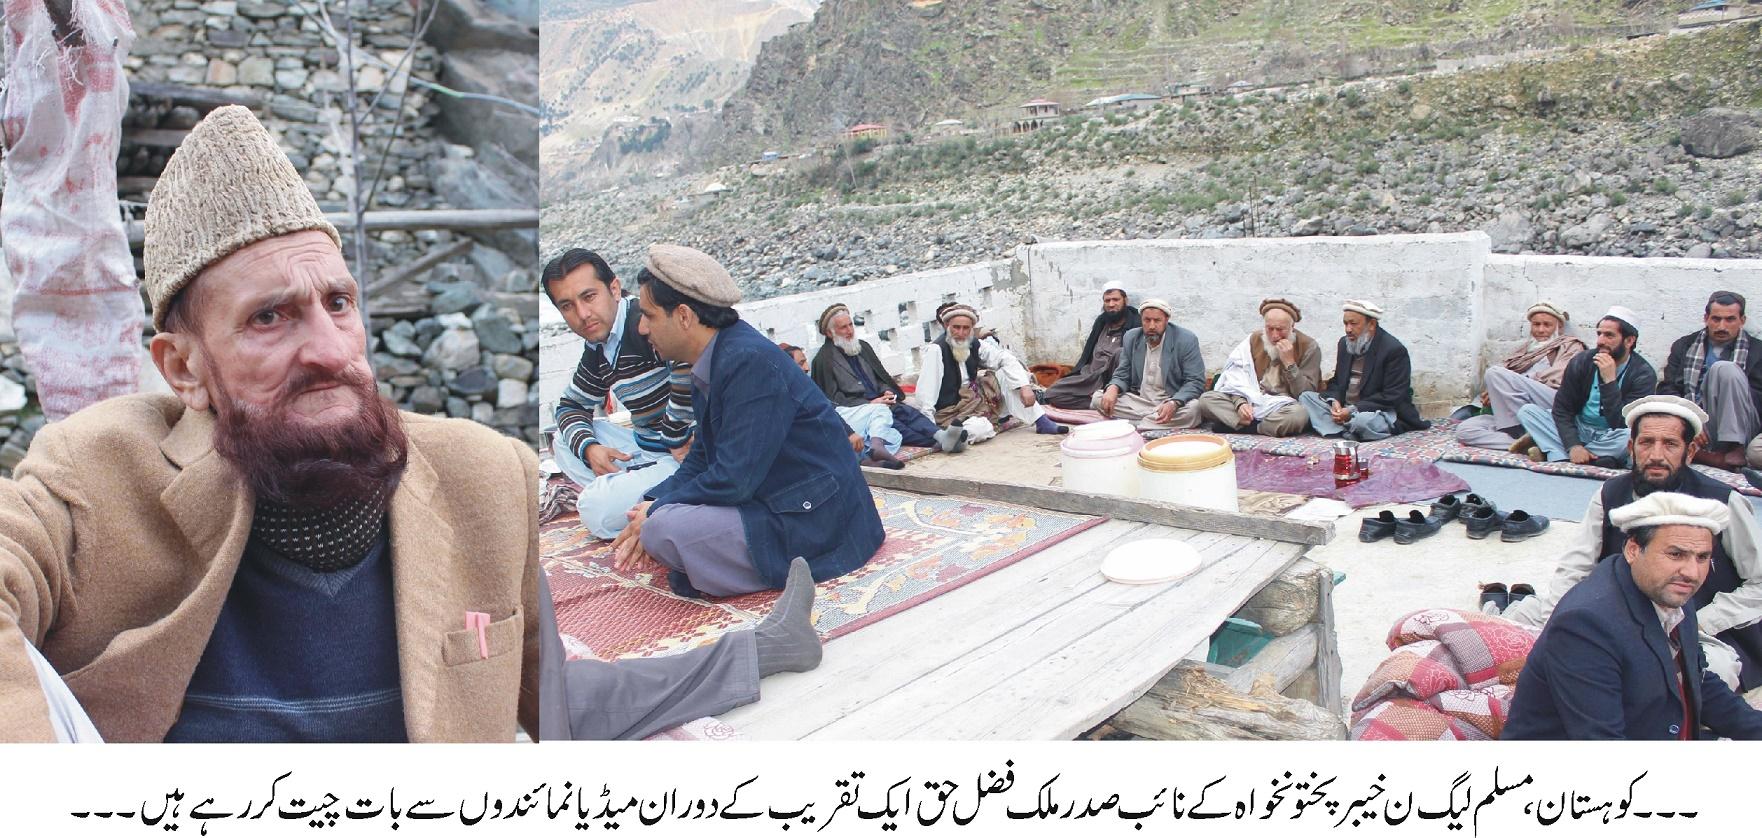 کوہستان: امیر مقام کارکنوں کی مشاورت کے بغیر سرگرمیاں ترک کردیں ۔ صوبائی نائب صدر ملک فضل حق